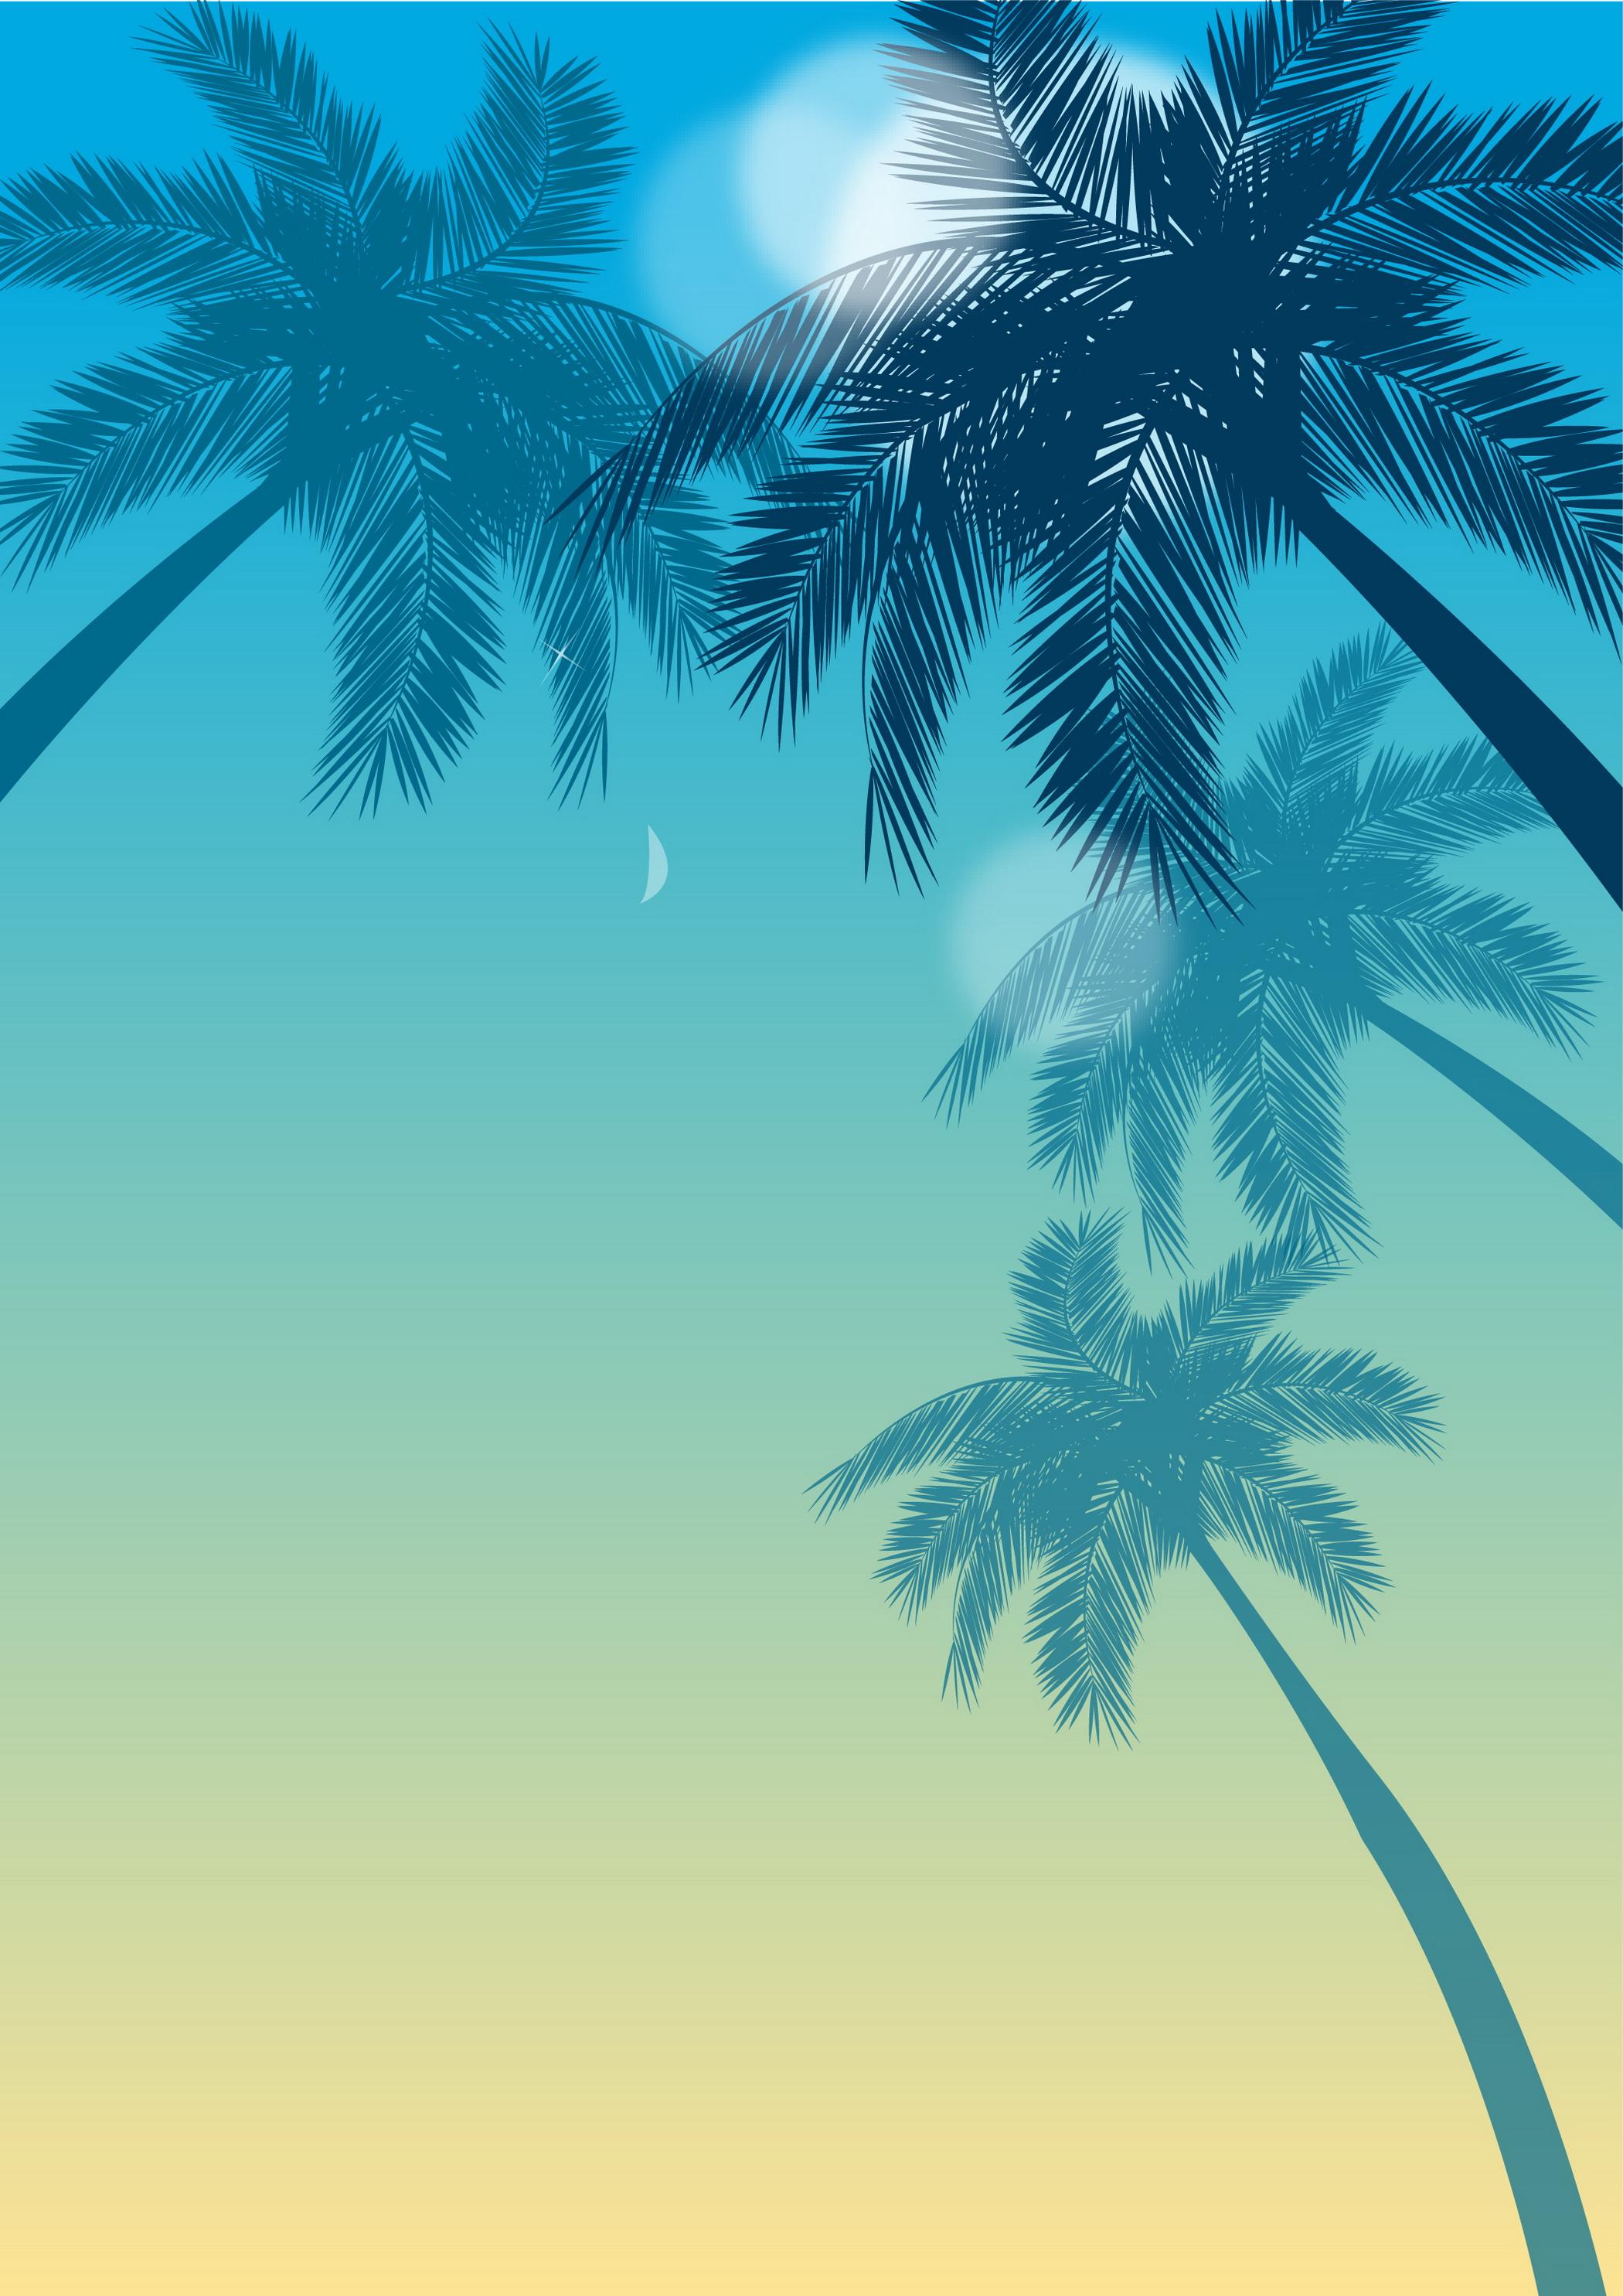 seascape tree palm tropical antecedentes planta verano